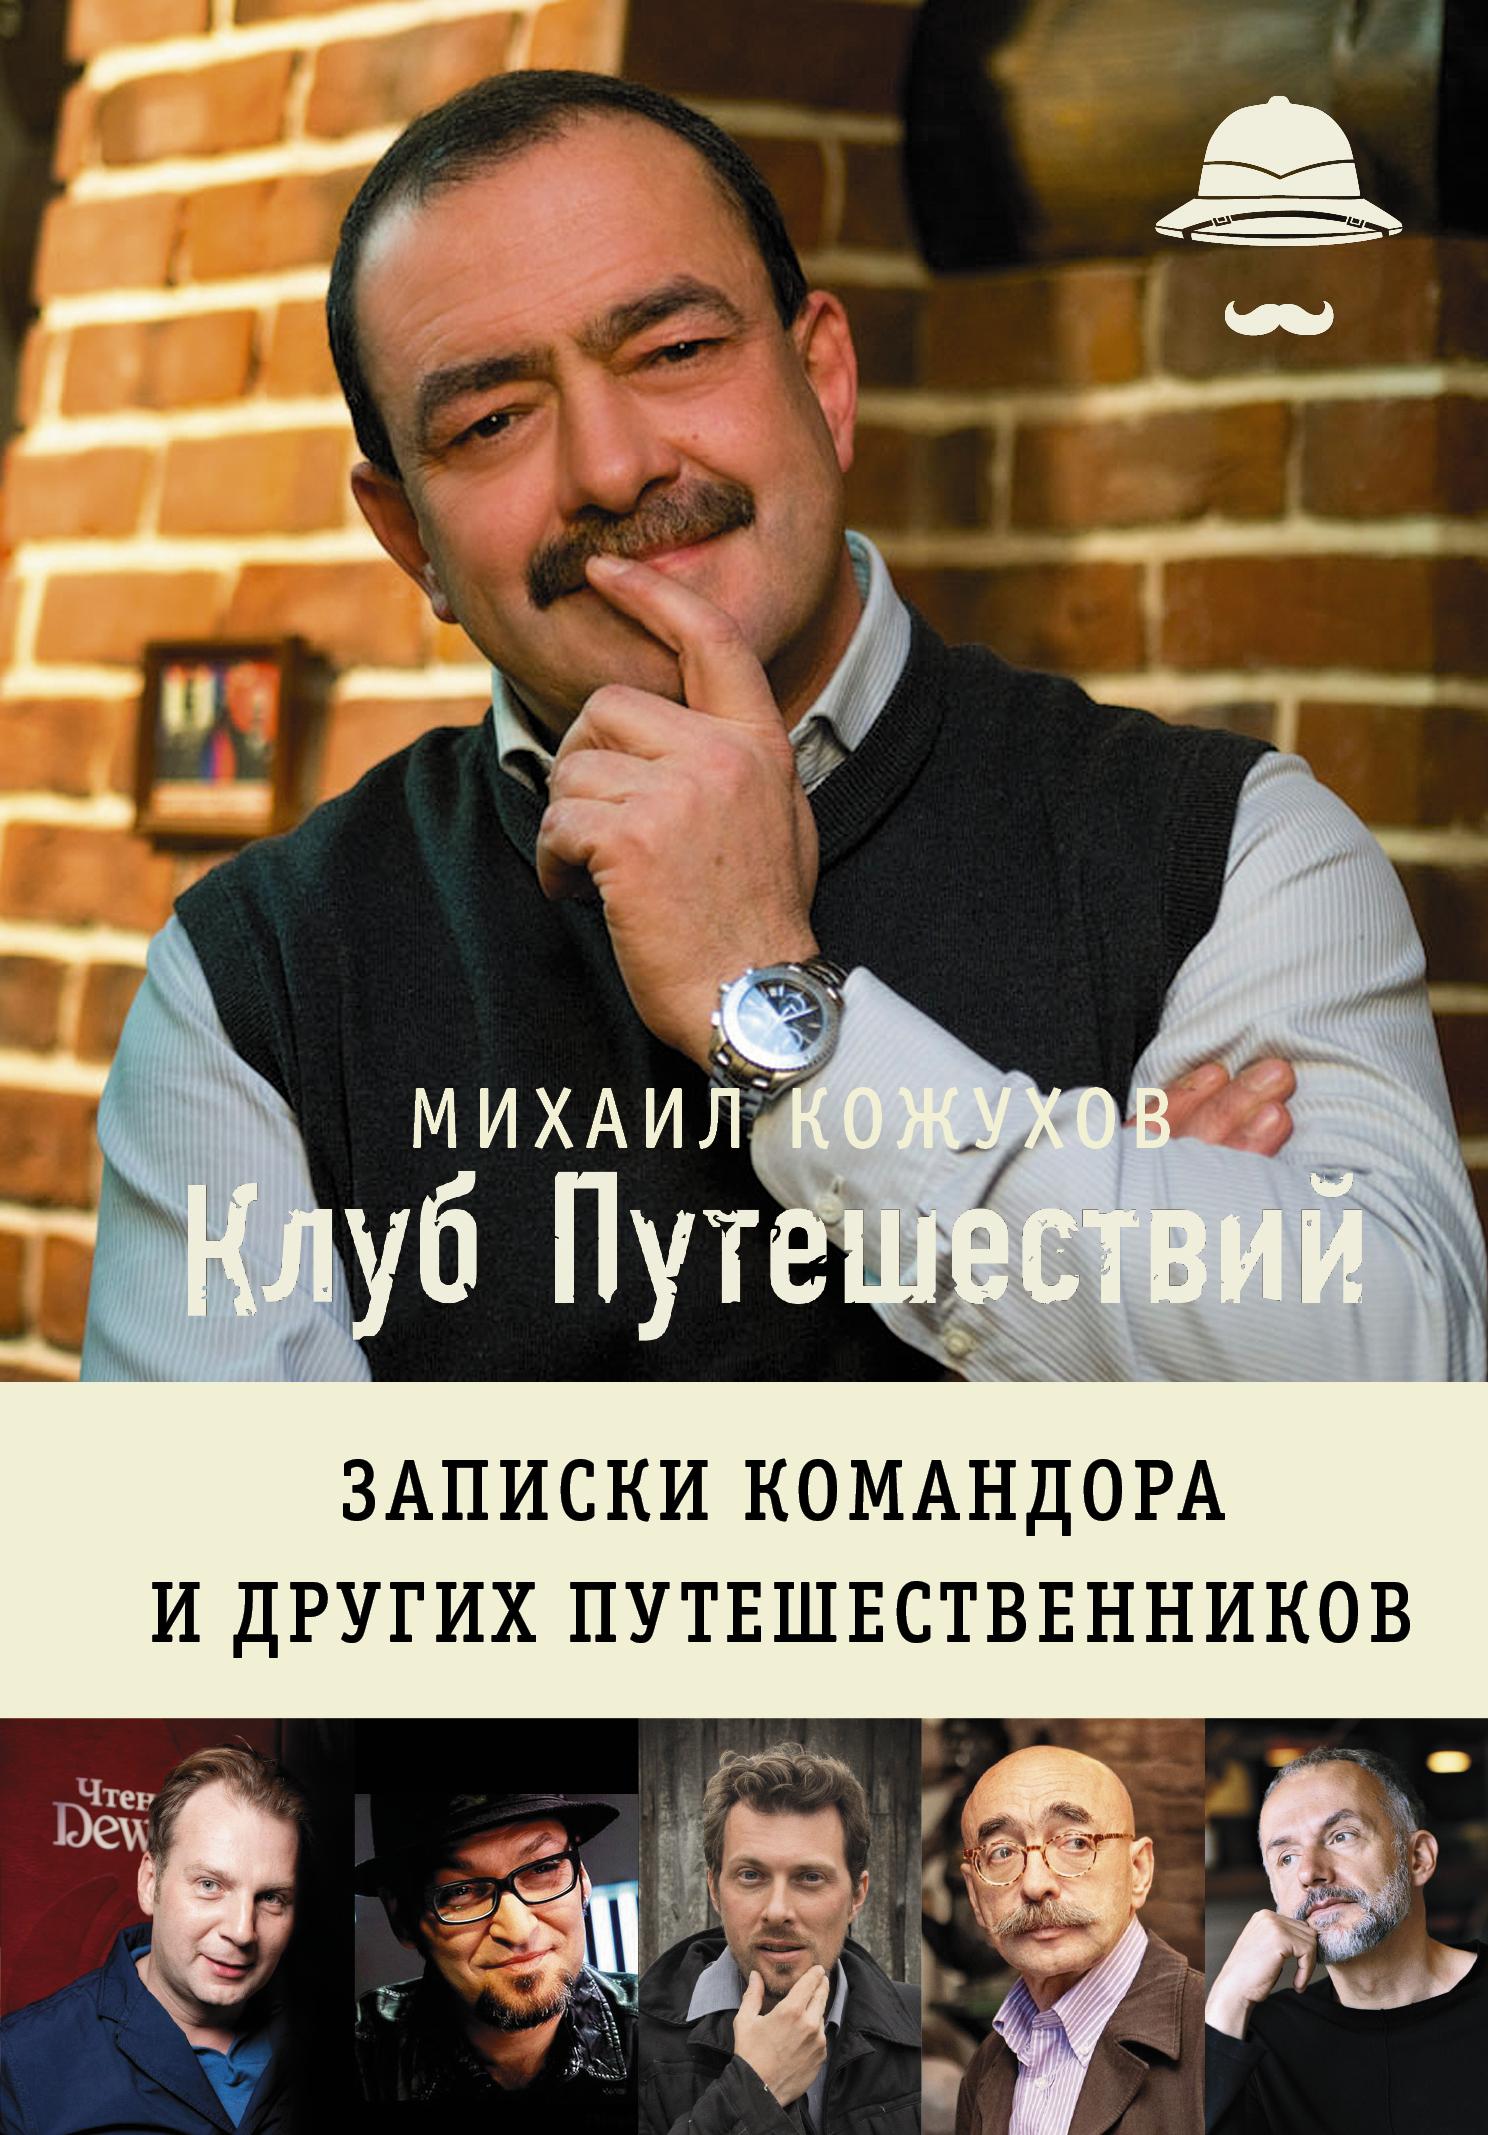 Михаил Кожухов Клуб путешествий Михаила Кожухова михаил нестеров